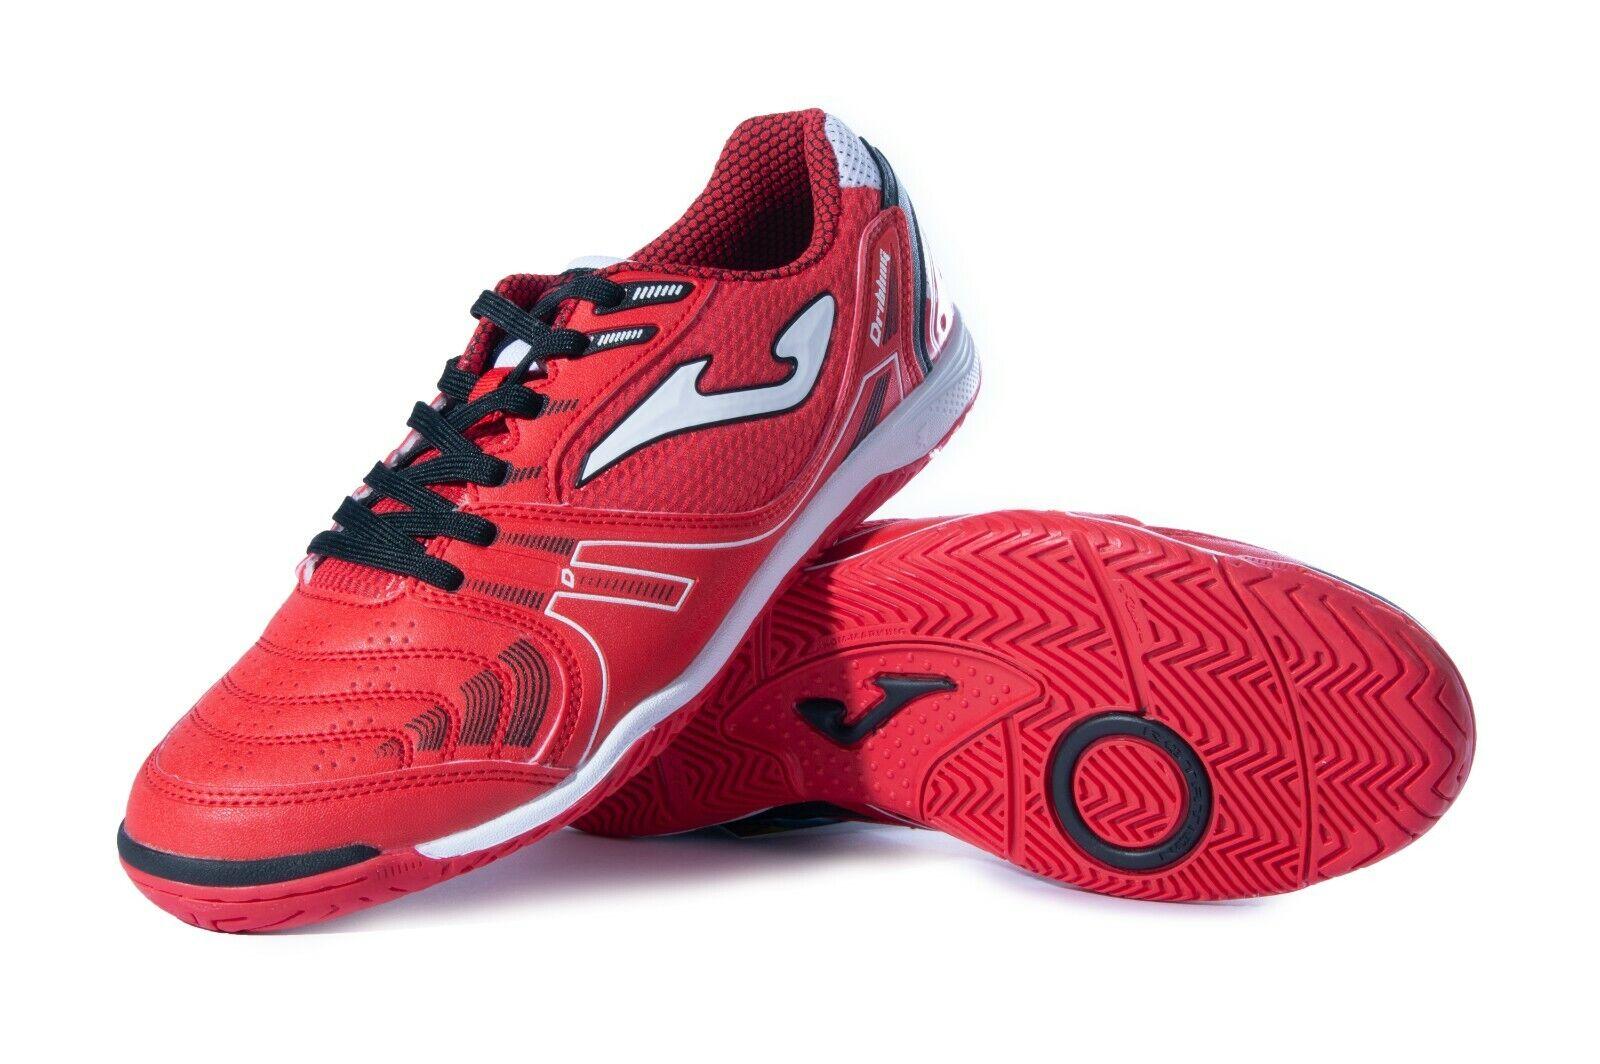 Joma Men's Dribling ID Indoor Soccer Shoe